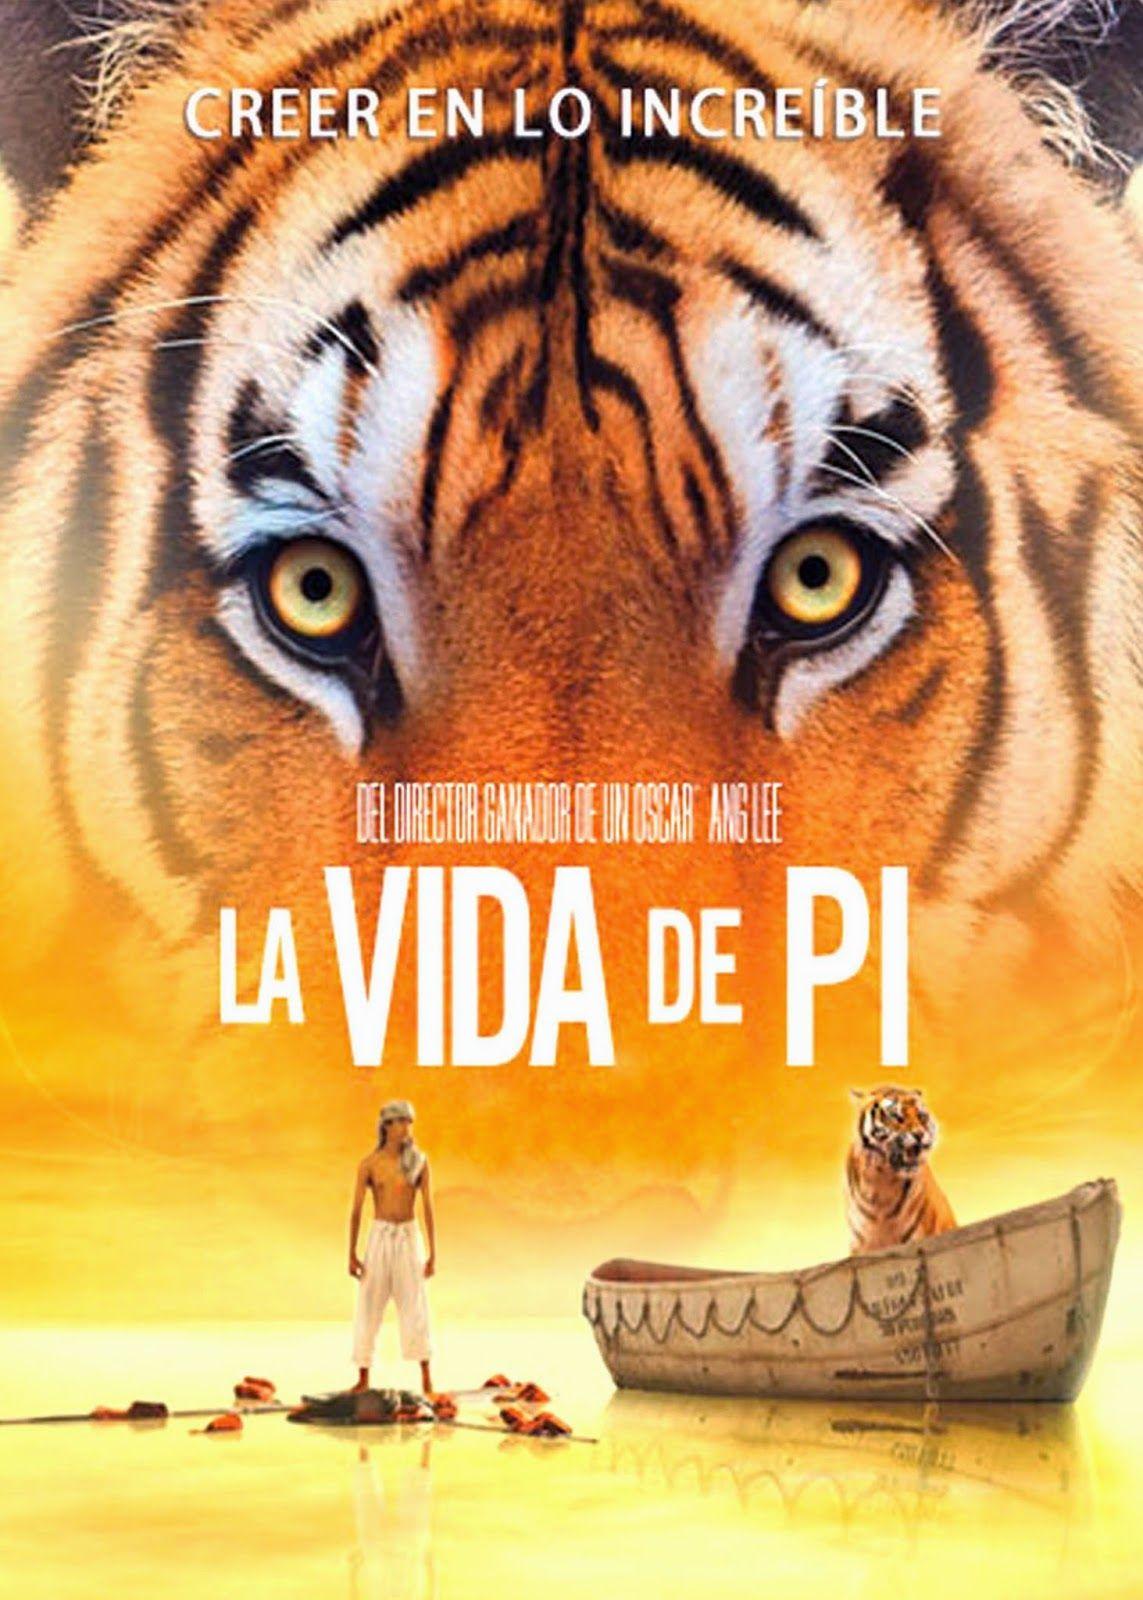 Cine Sinopsis Y Peliculas Para Descargar La Vida De Pi 2012 Aventuras Tras Un Naufragio En Medio Del Oceano Life Of Pi Life Of Pi Poster Life Of Pi Movie